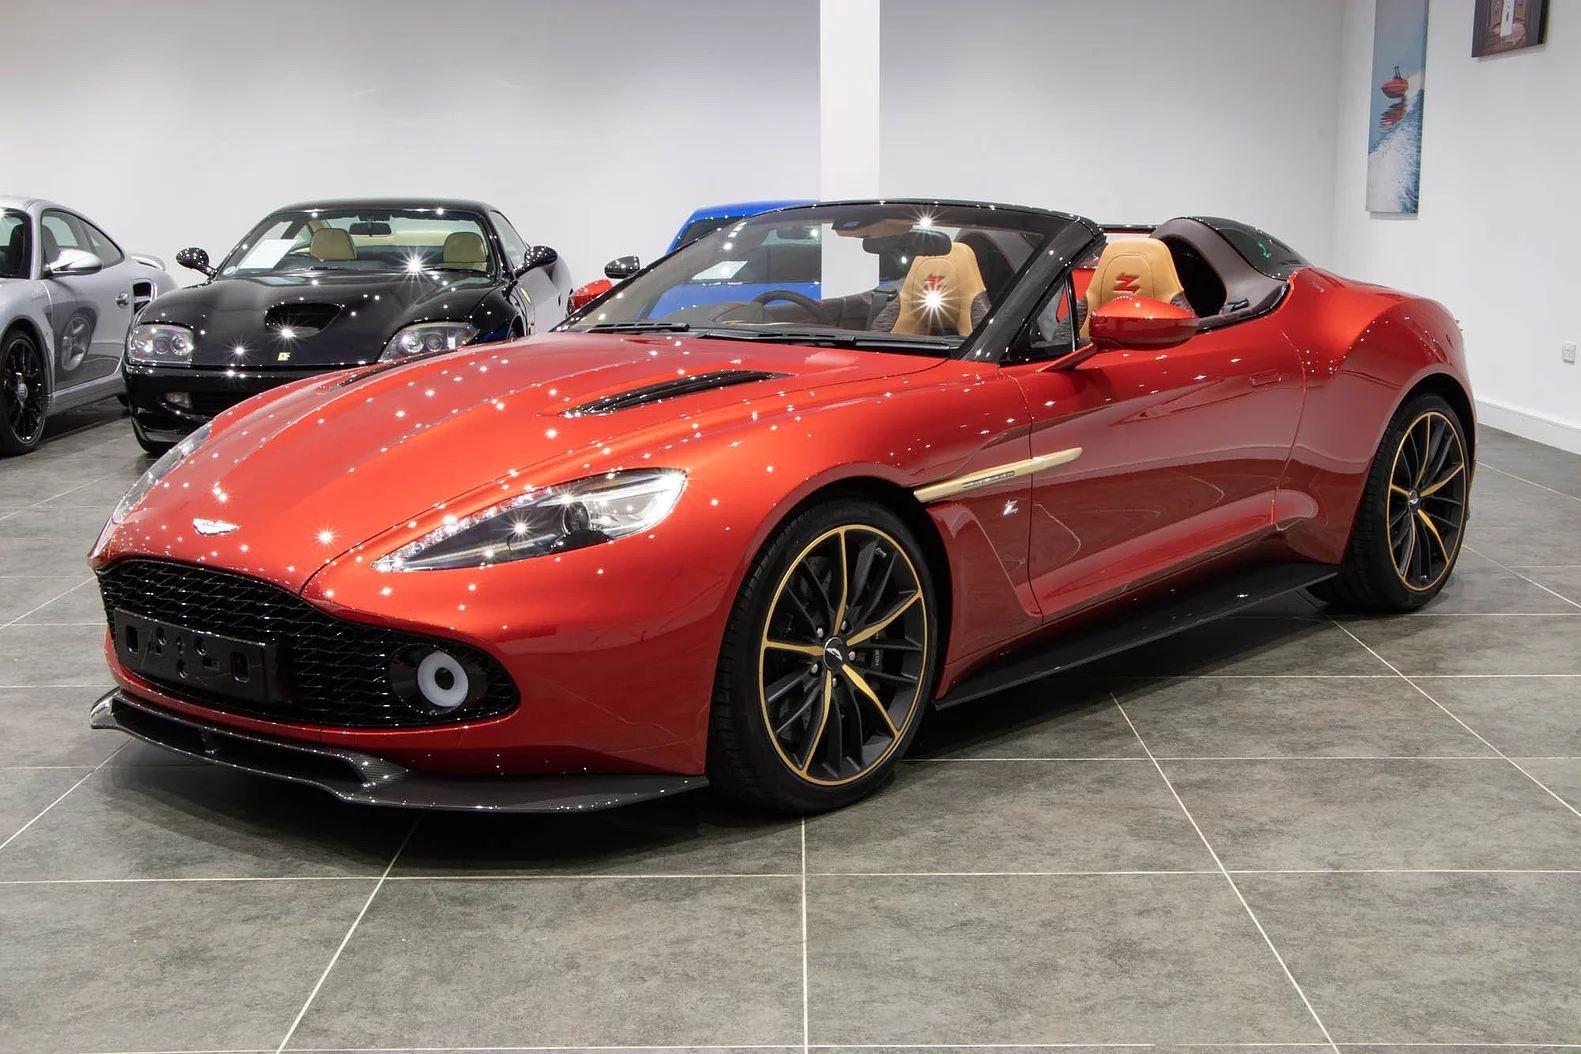 Aston_Martin_Vanquish_Speedster_sale-0005